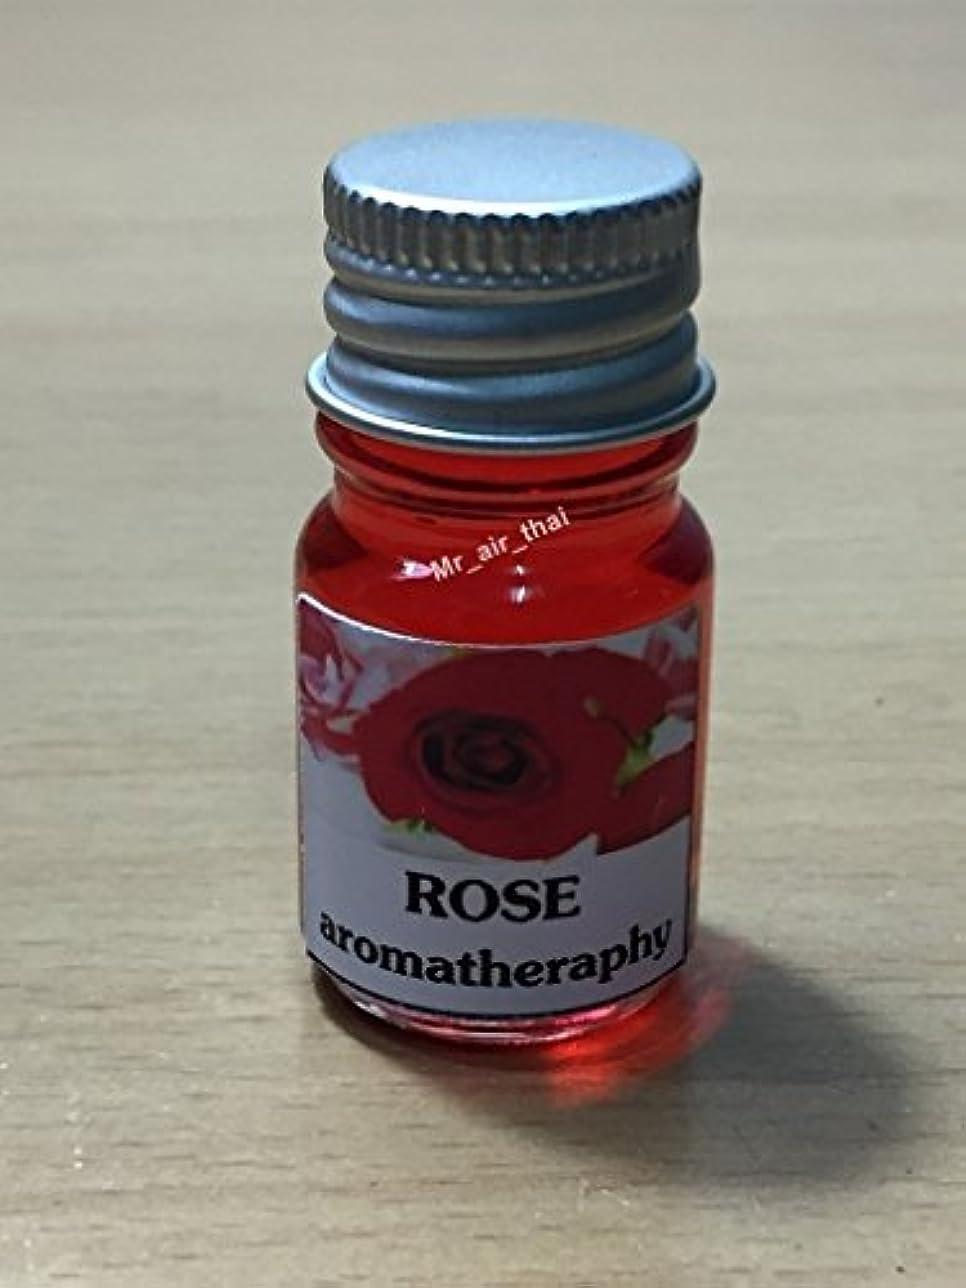 蒸留松明先のことを考える5ミリリットルアロマローズフランクインセンスエッセンシャルオイルボトルアロマテラピーオイル自然自然5ml Aroma Rose Frankincense Essential Oil Bottles Aromatherapy...